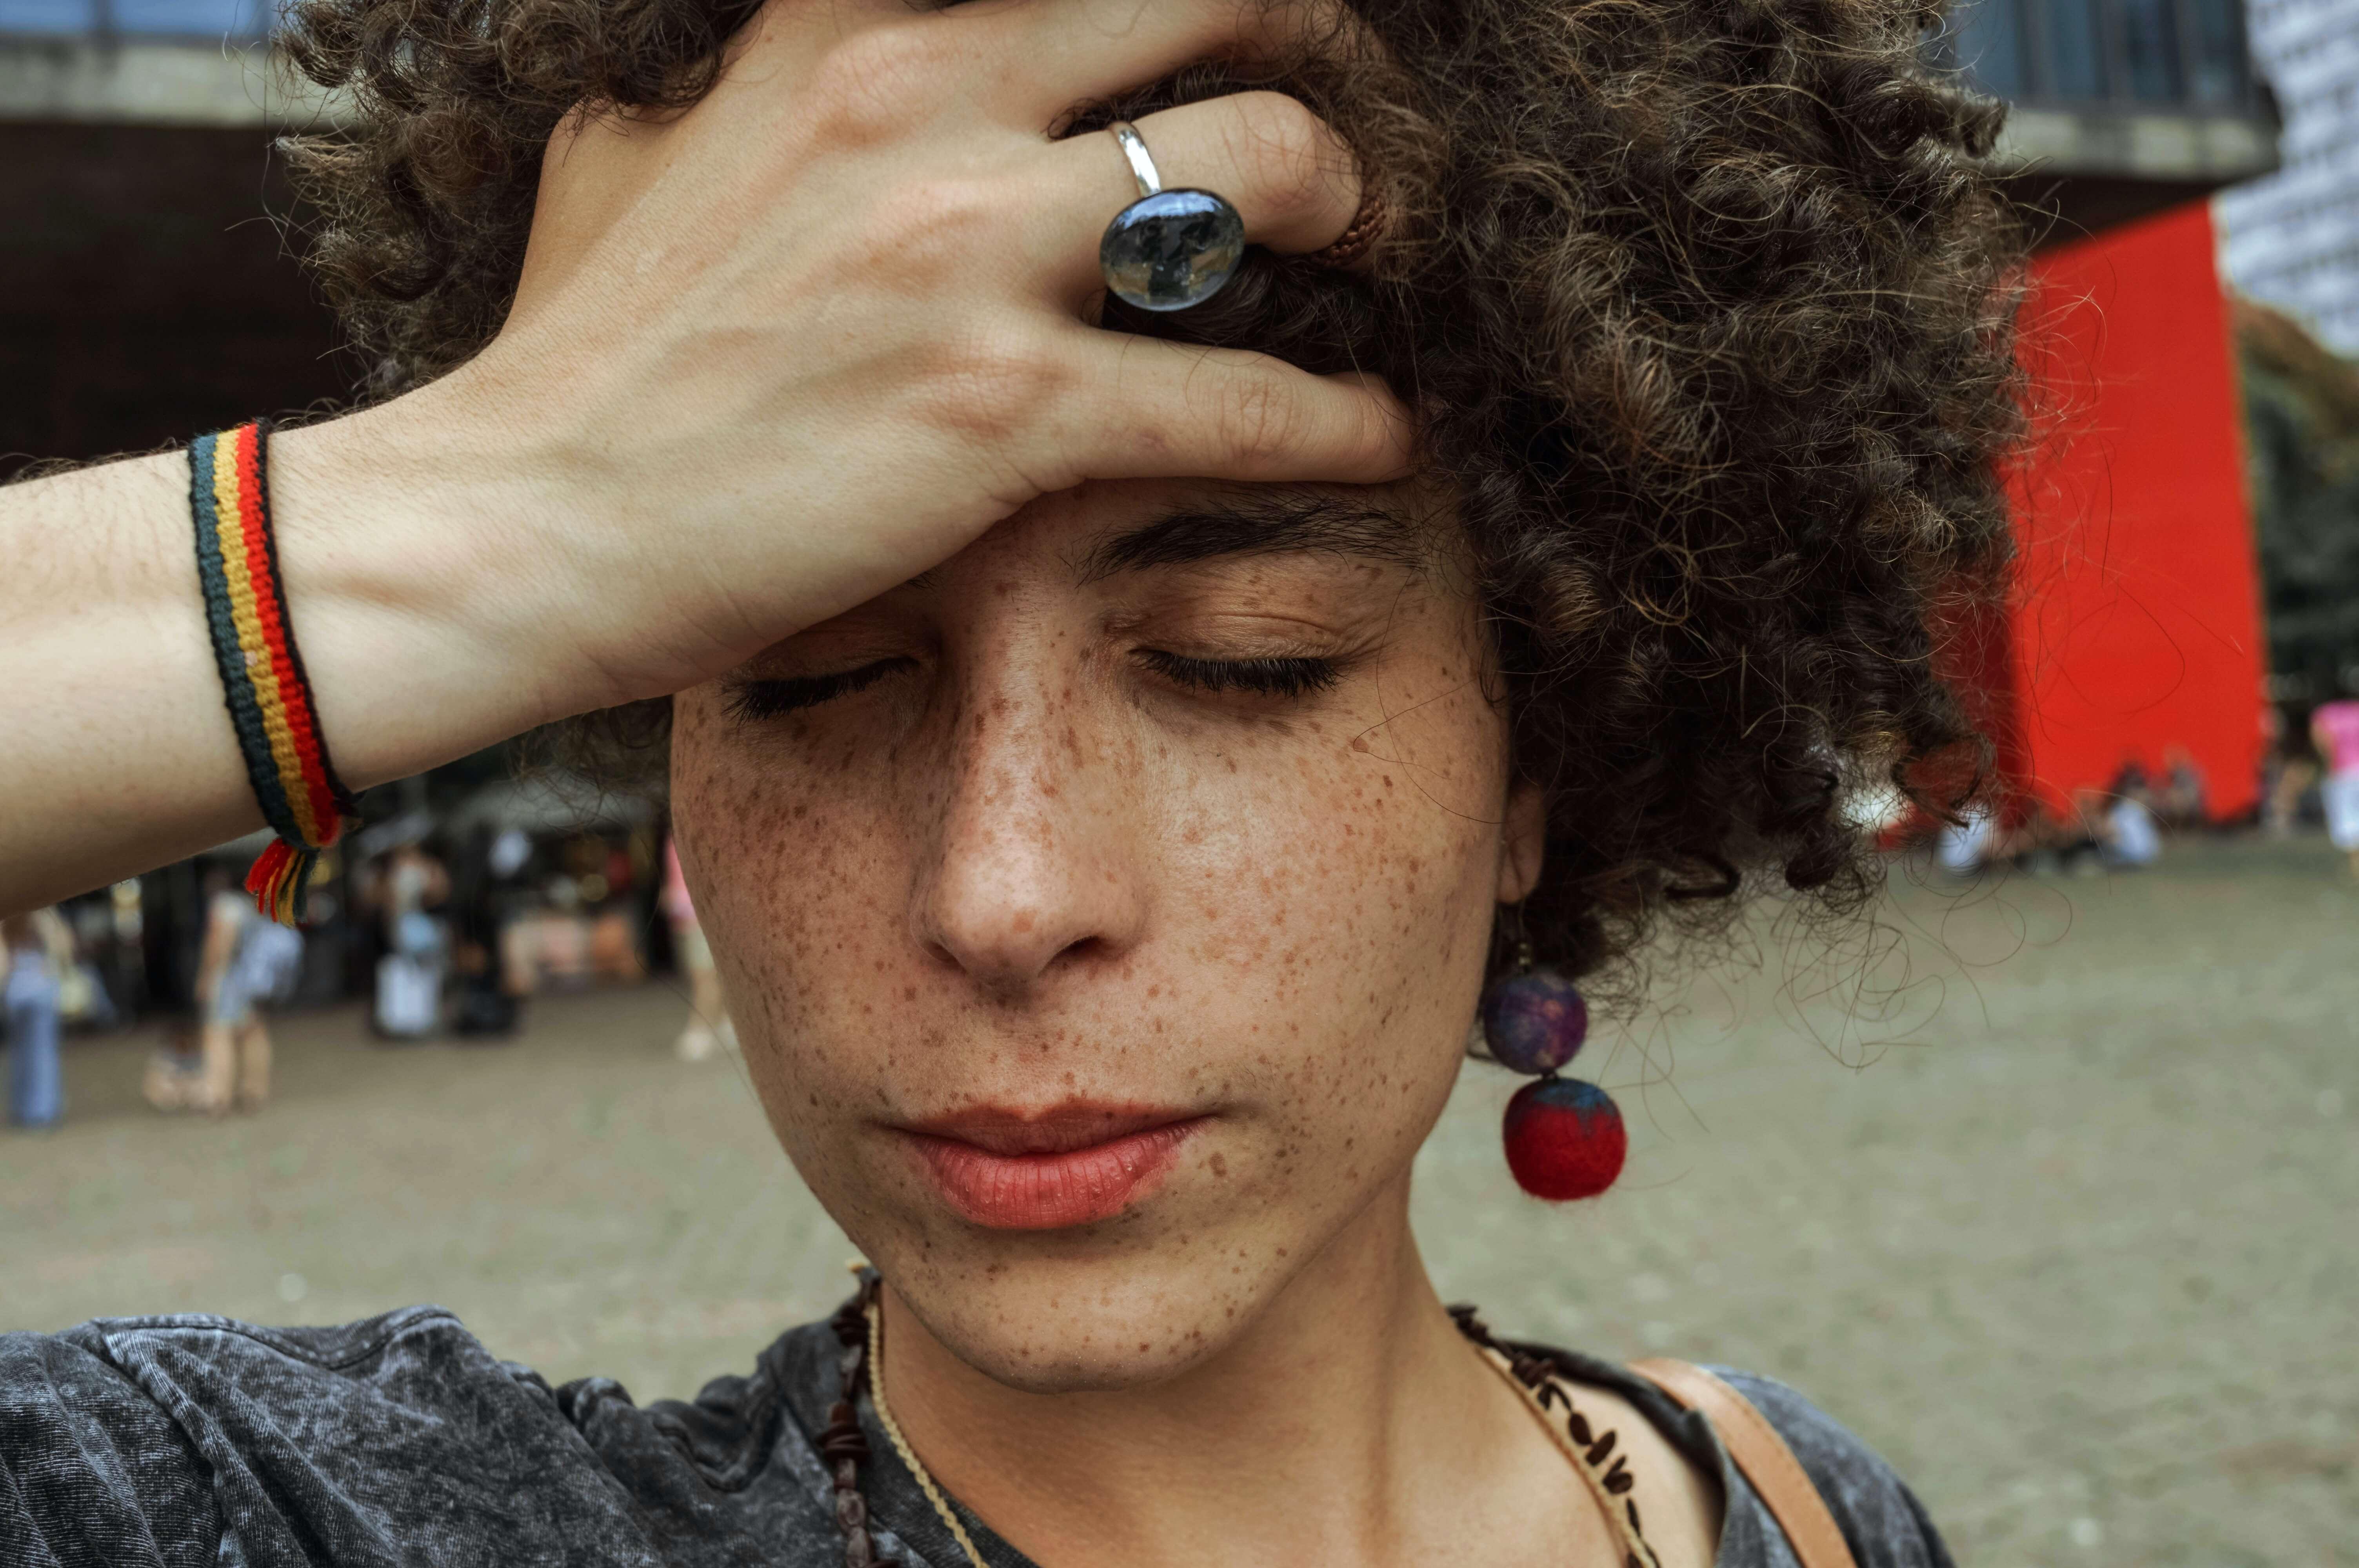 Pálidas y blancazos por cannabis: qué son y cómo actuar